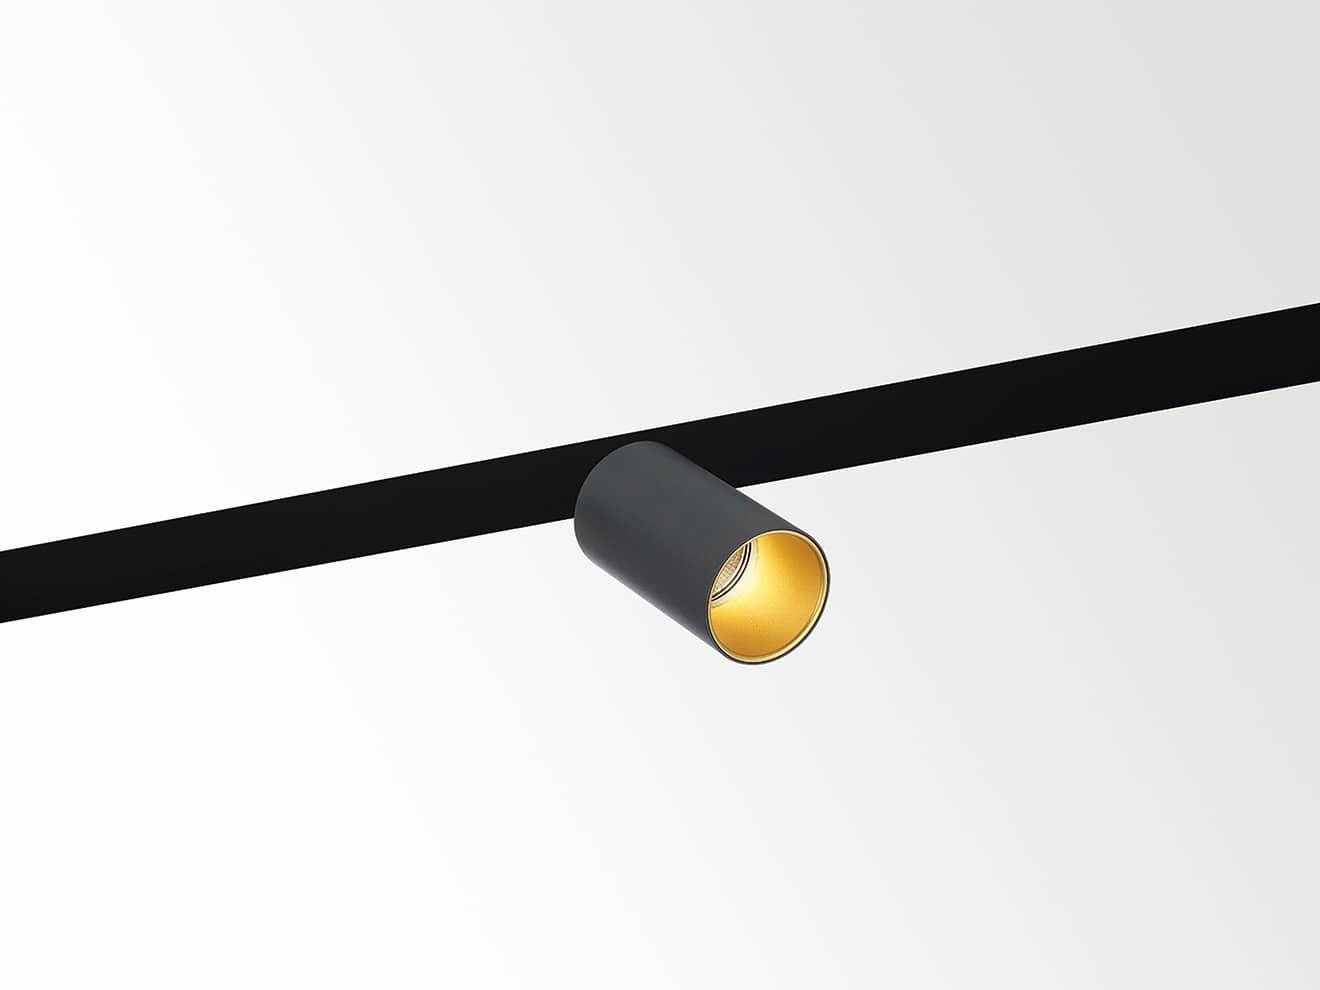 Profil Spitline Magnetic soit, une dynamique et une personnalisation des modules spots ou décoratifs, via un effet magnétique, comme la suspension Gibbo ou Microspy Basé sur une accroche plug & play pour changer et déplacer facilement. ©Delta Light